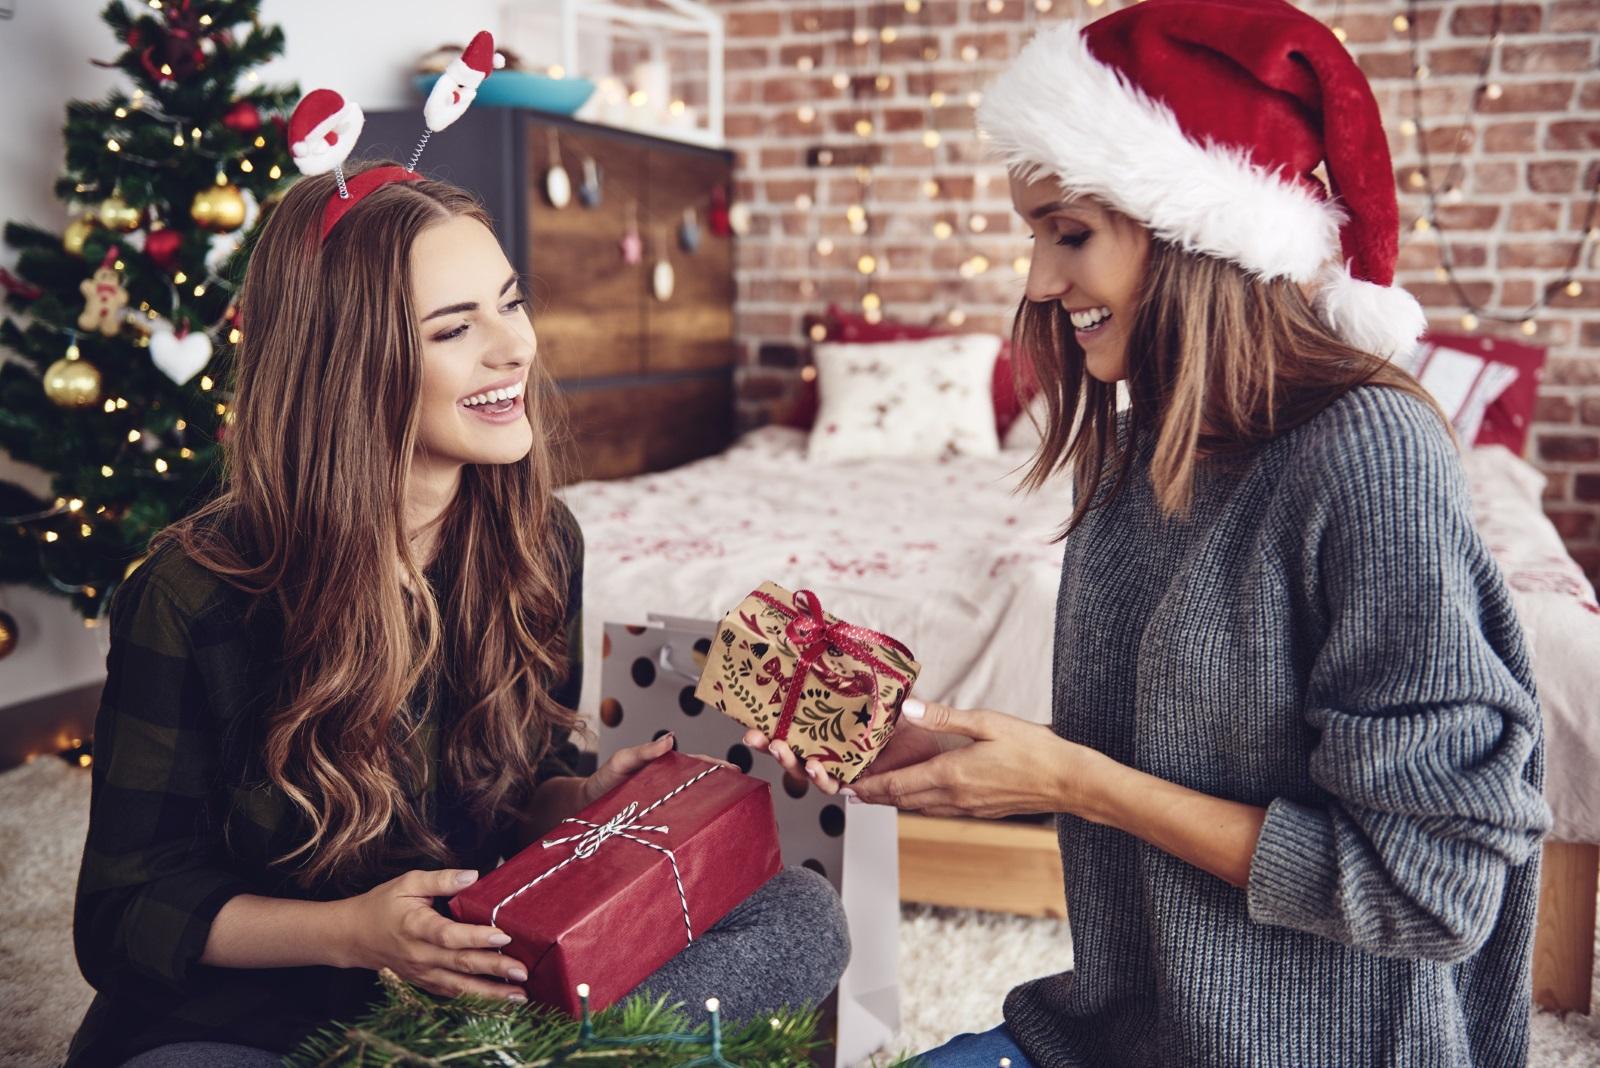 Везни<br /> Везните пък са толкова отворени за подаръци, че всичко, което им дадете, ще ги зарадва изключително много. Ето и няколко насоки: бутилка червено вино и кутия ръчно направени шоколадови бонбони, готин дизайнерски шал или шапка или дори годишен абонамент за любимото списание.